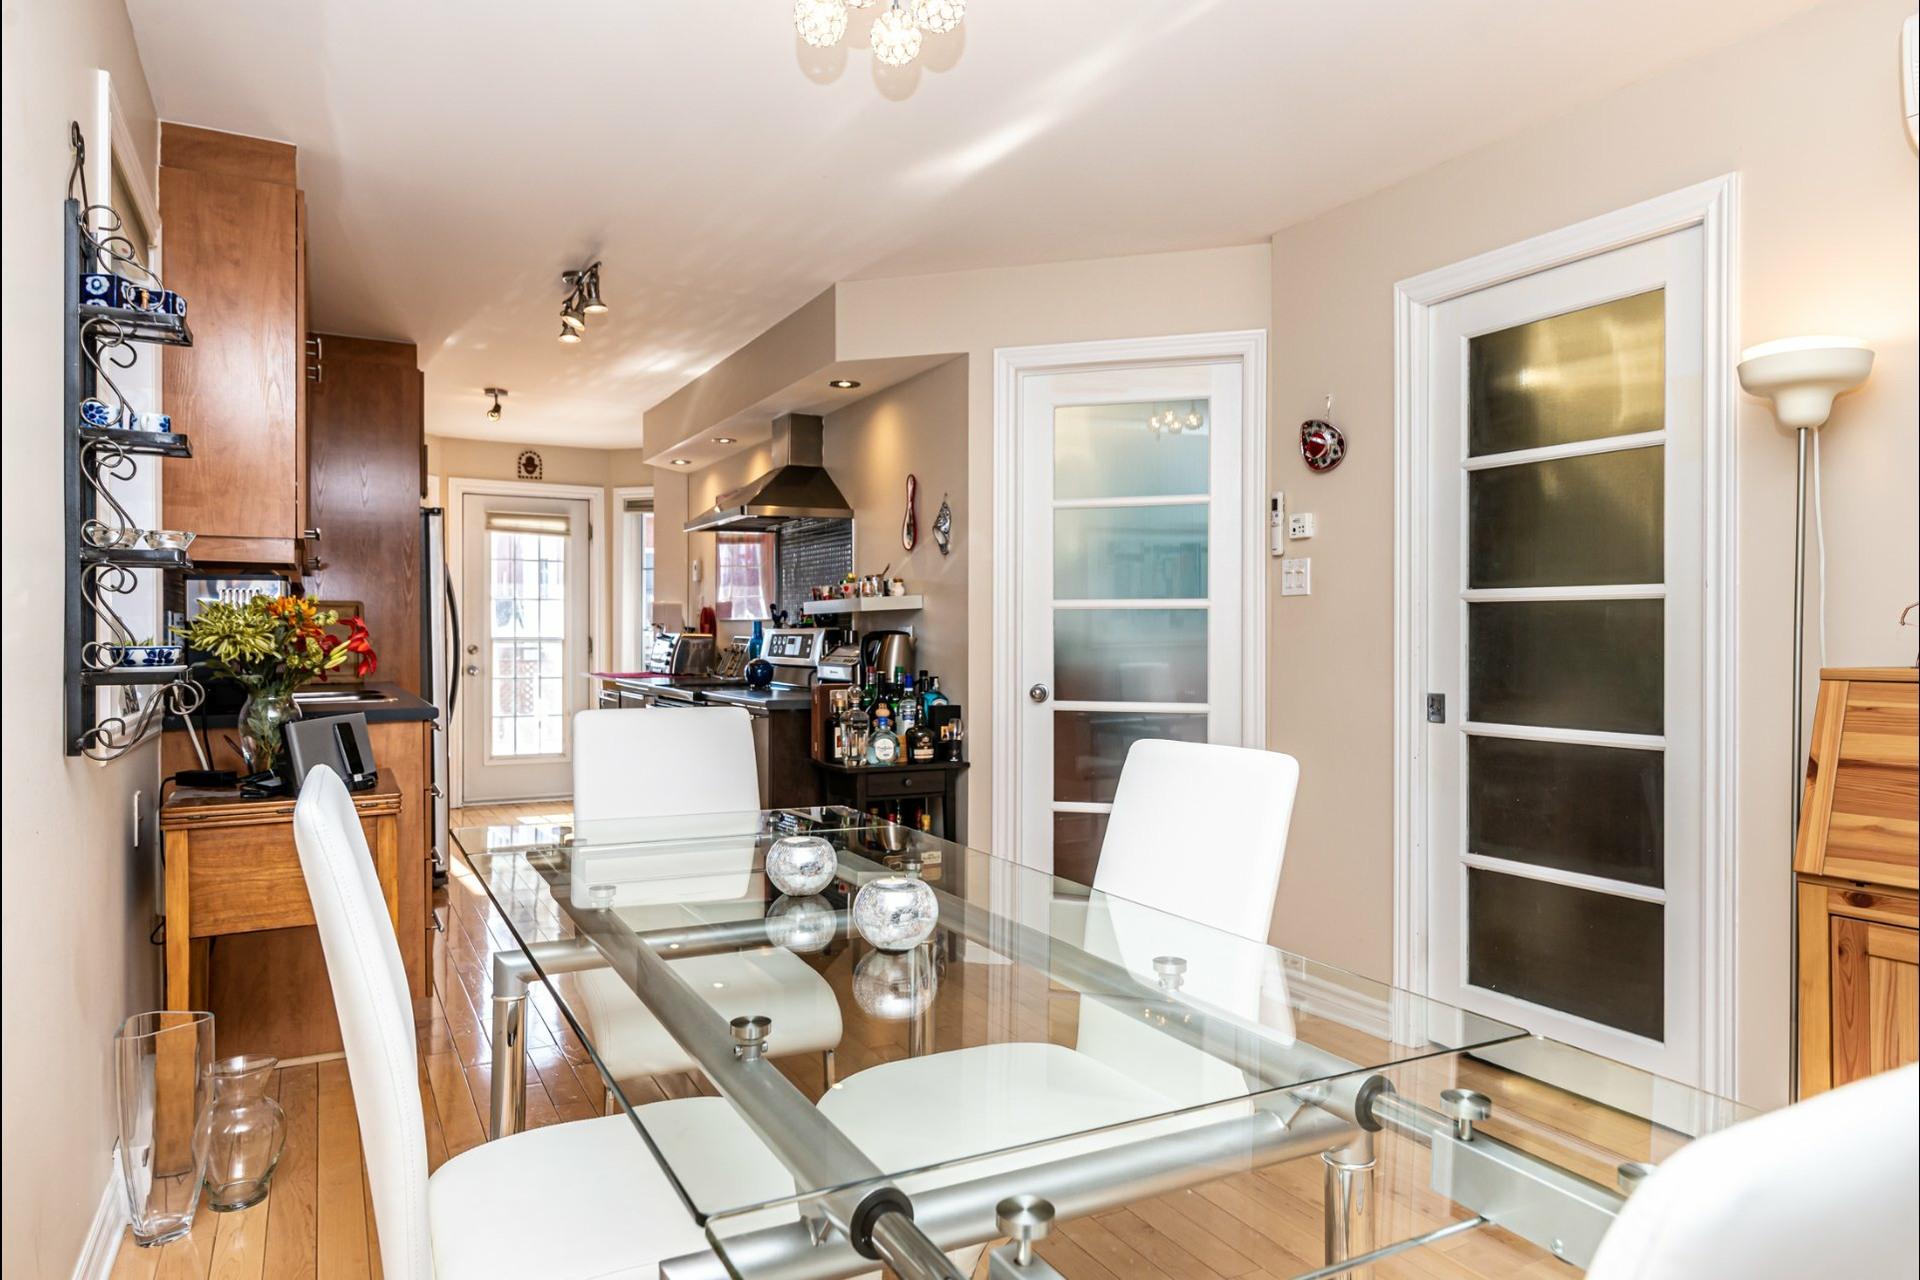 image 4 - Apartment For sale Saint-Laurent Montréal  - 4 rooms